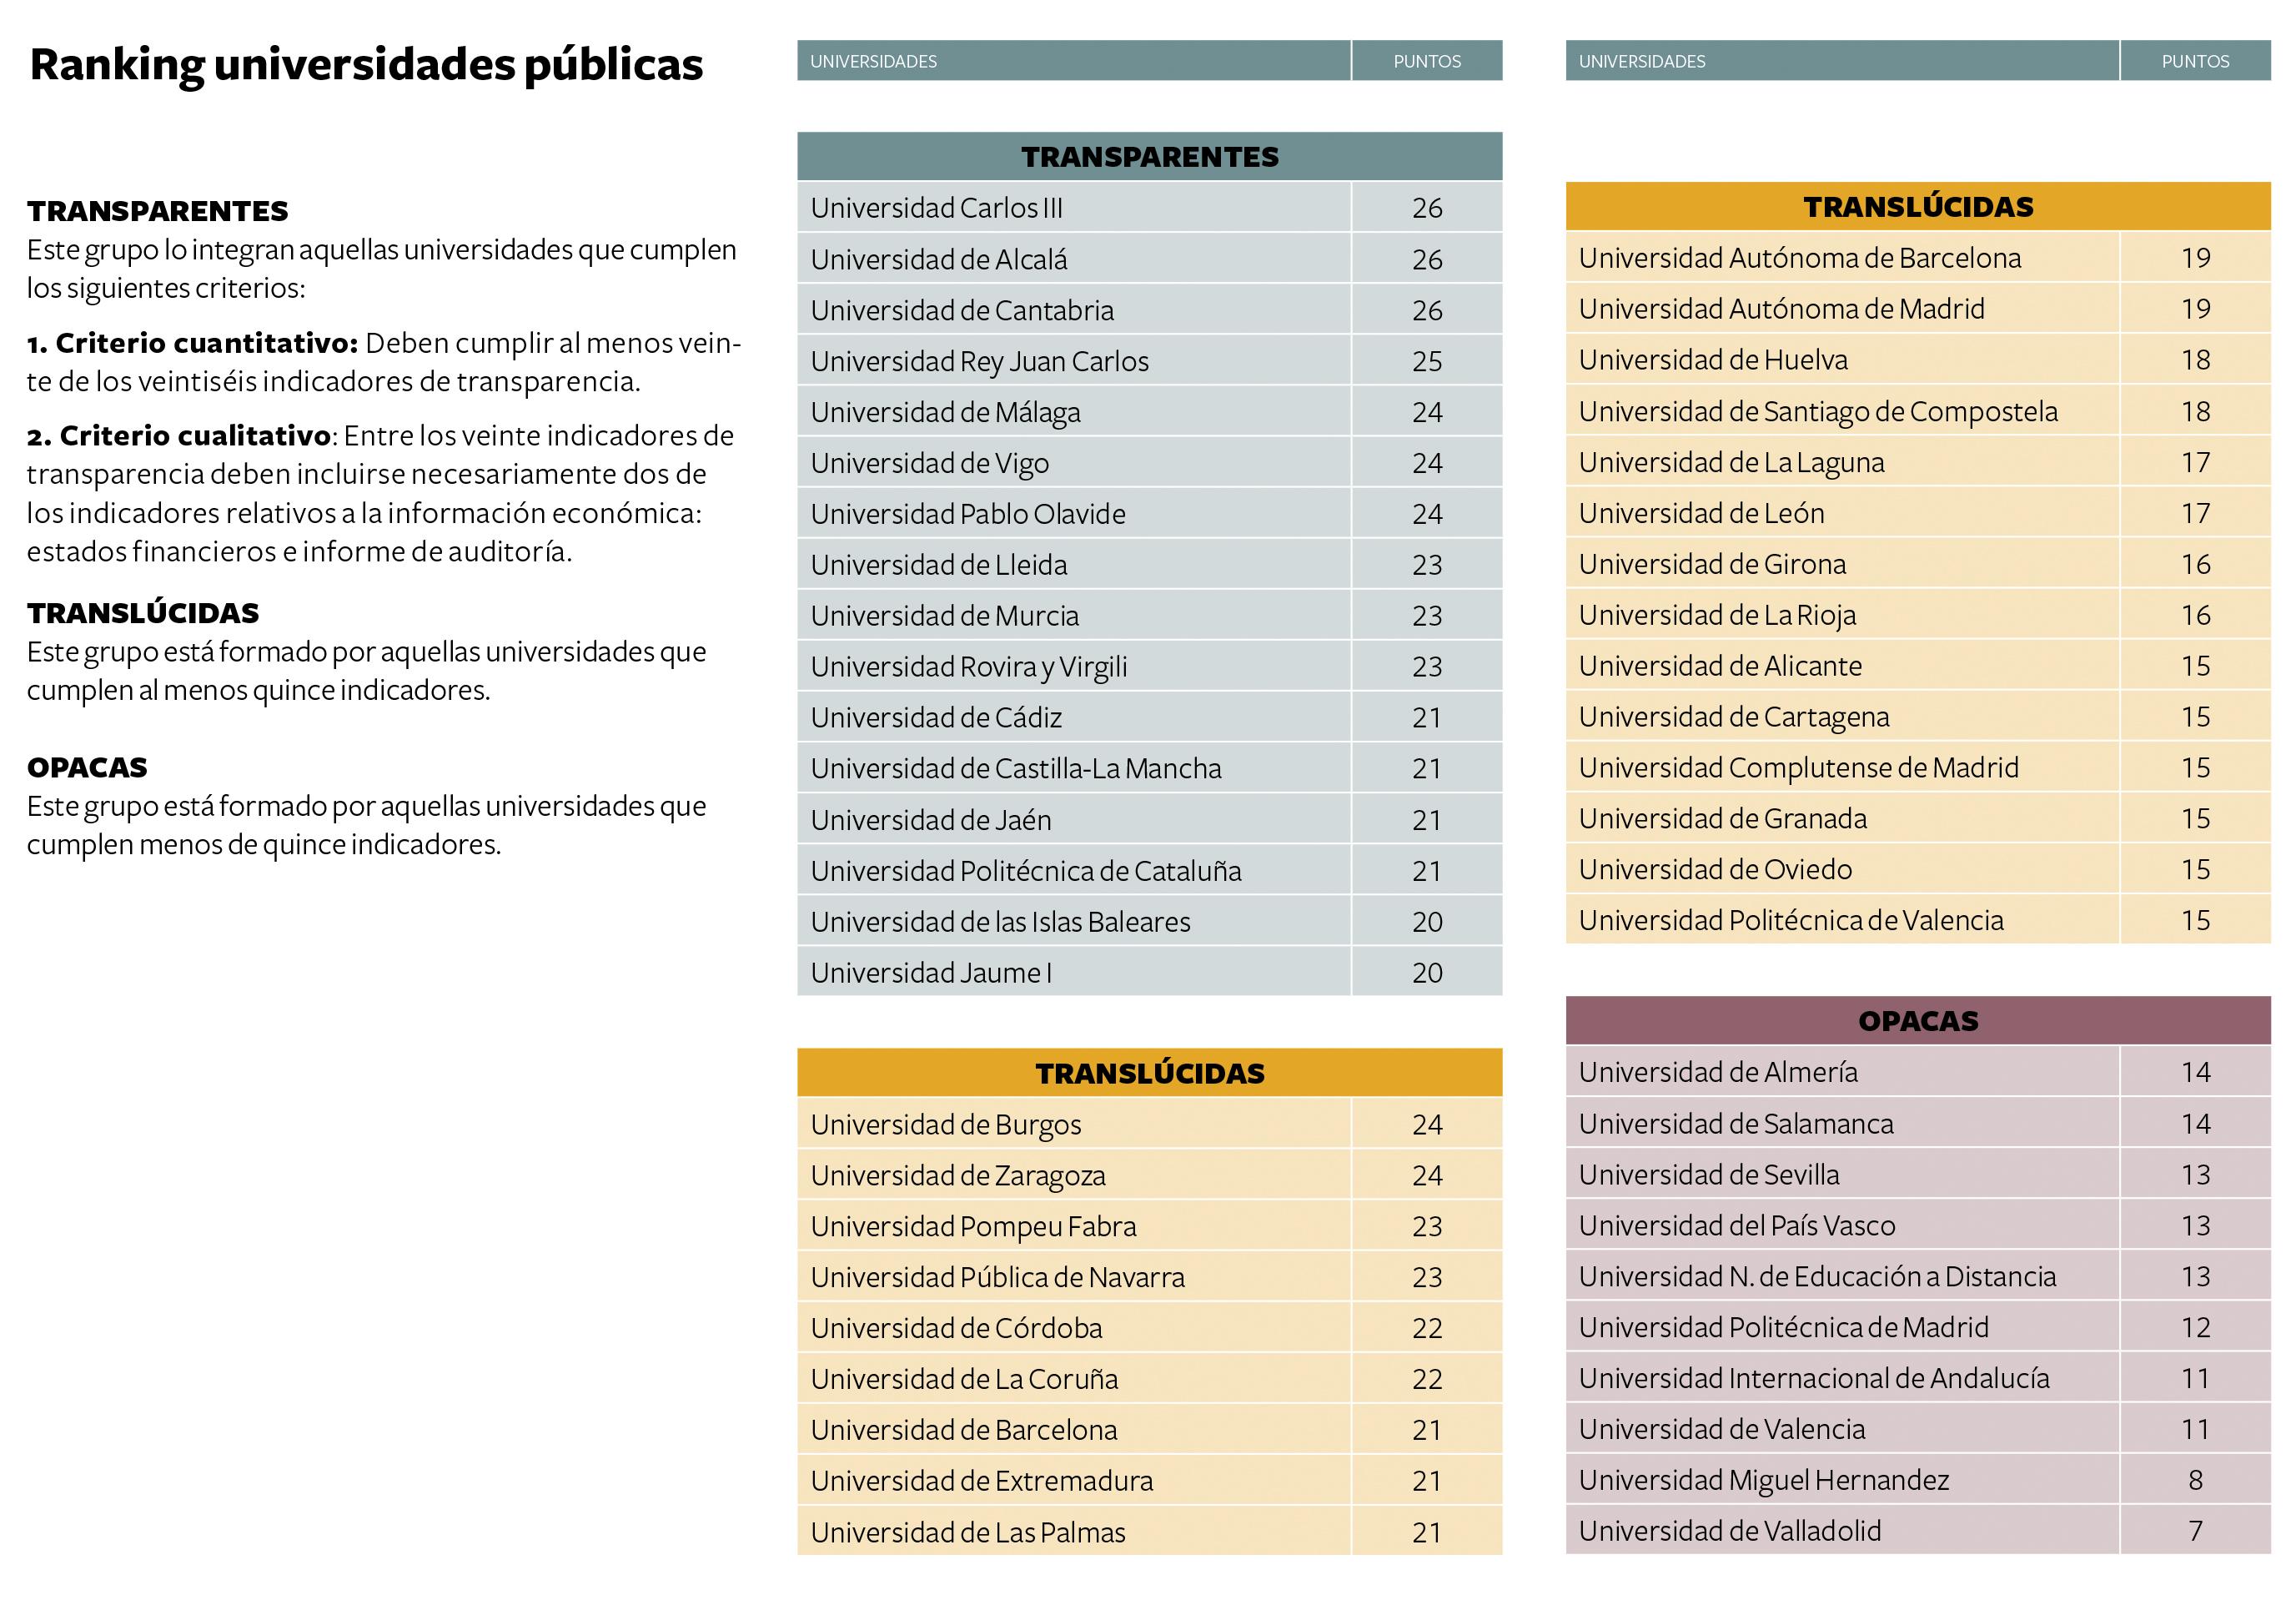 Informe-transparencia-universidades-2014-ranking-publicas-rev